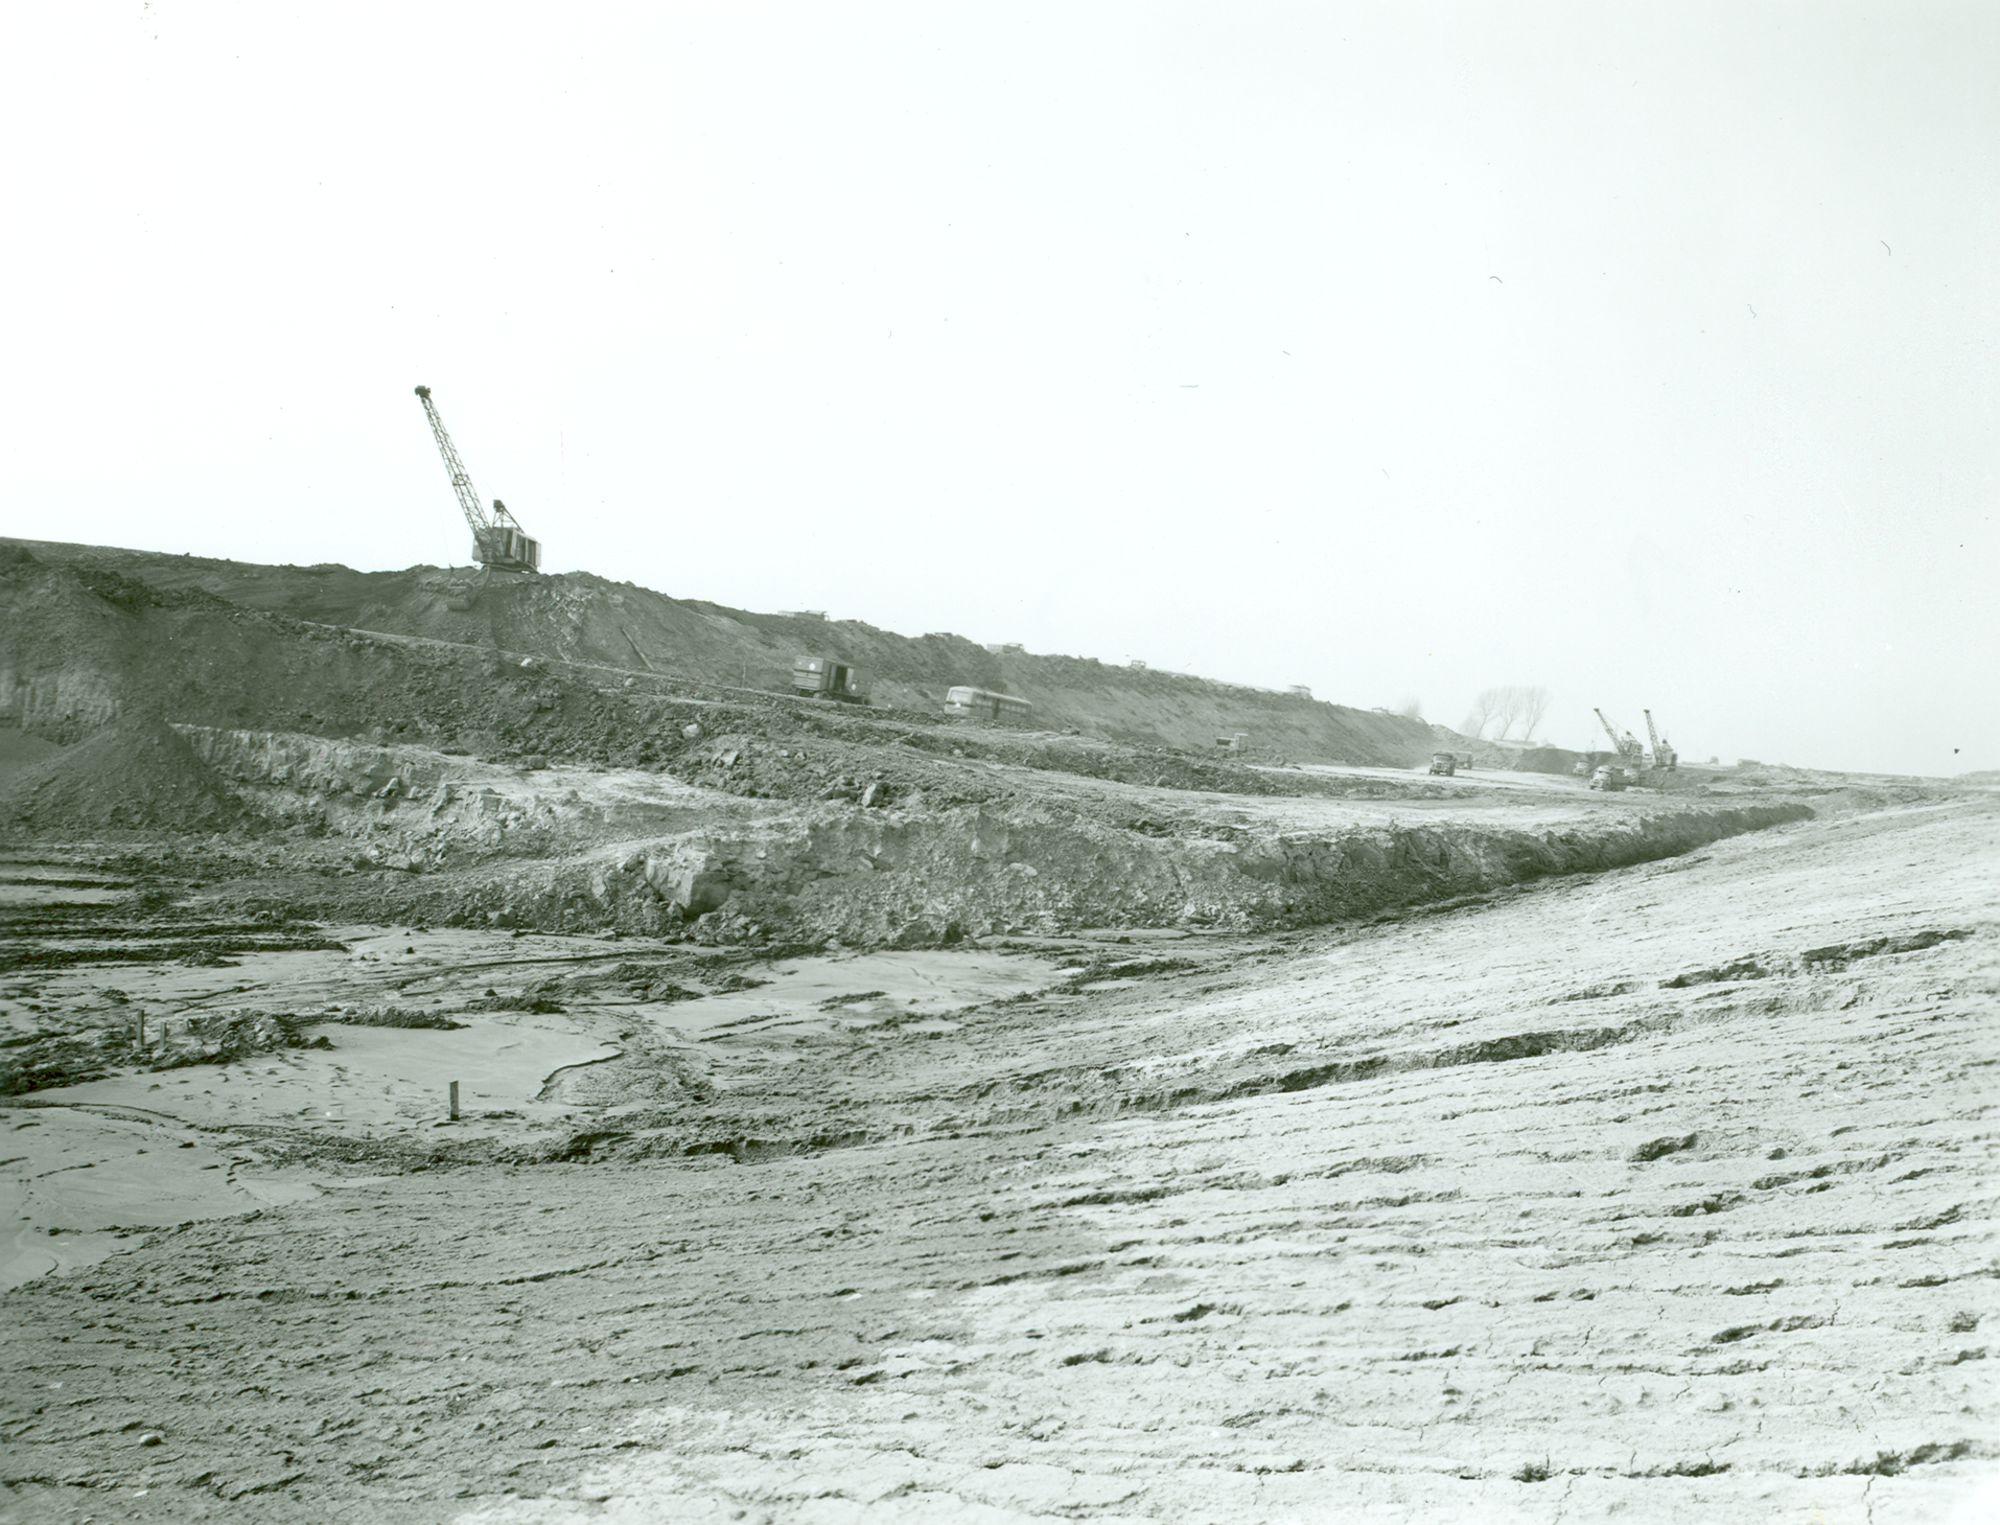 Graafwerken afbraak tunnel (Souterrain) in Moen 1970